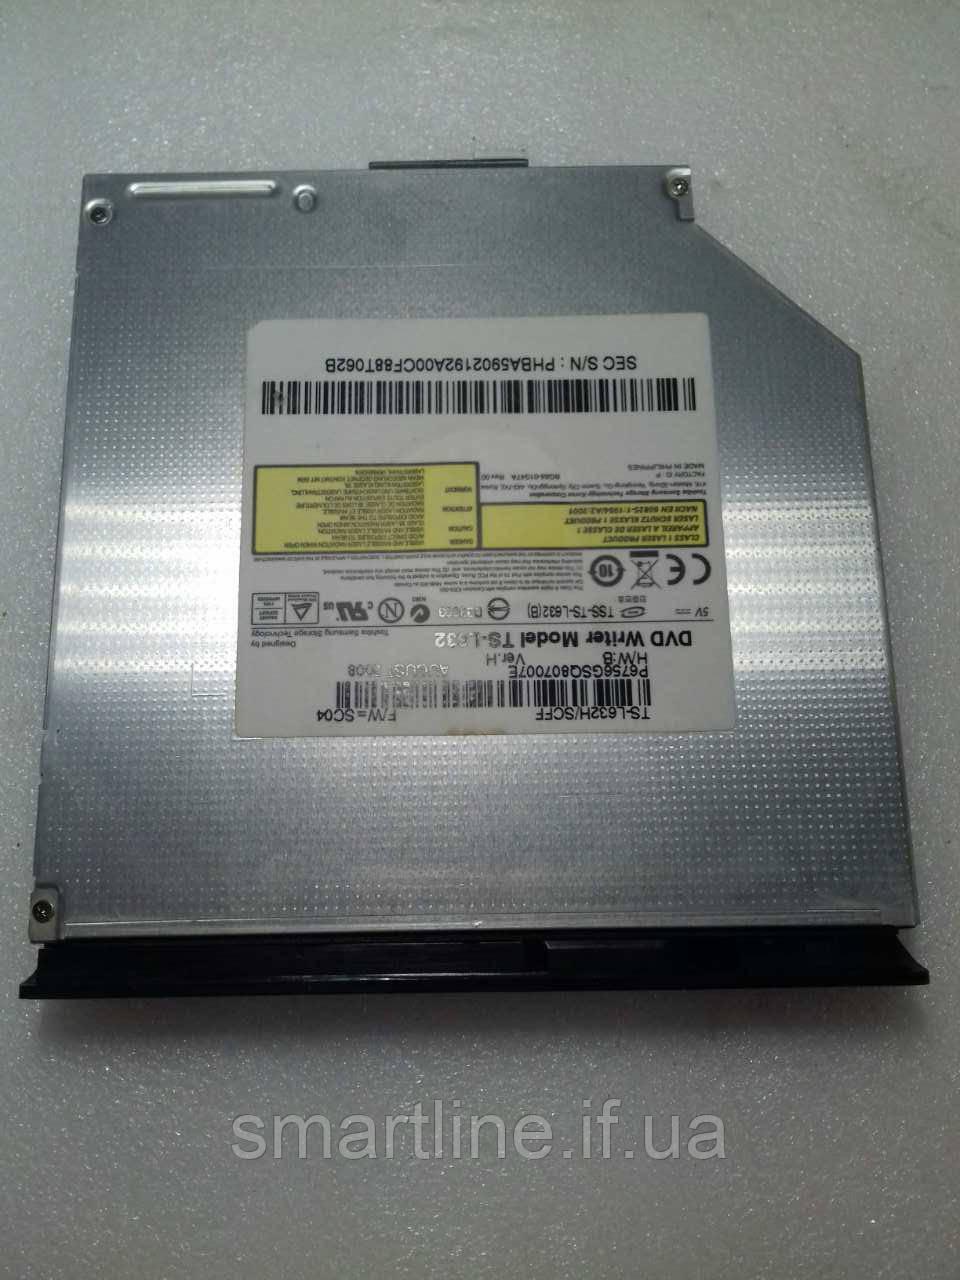 DVD привід ноутбука SAMSUNG R58 plus, TS-L632H